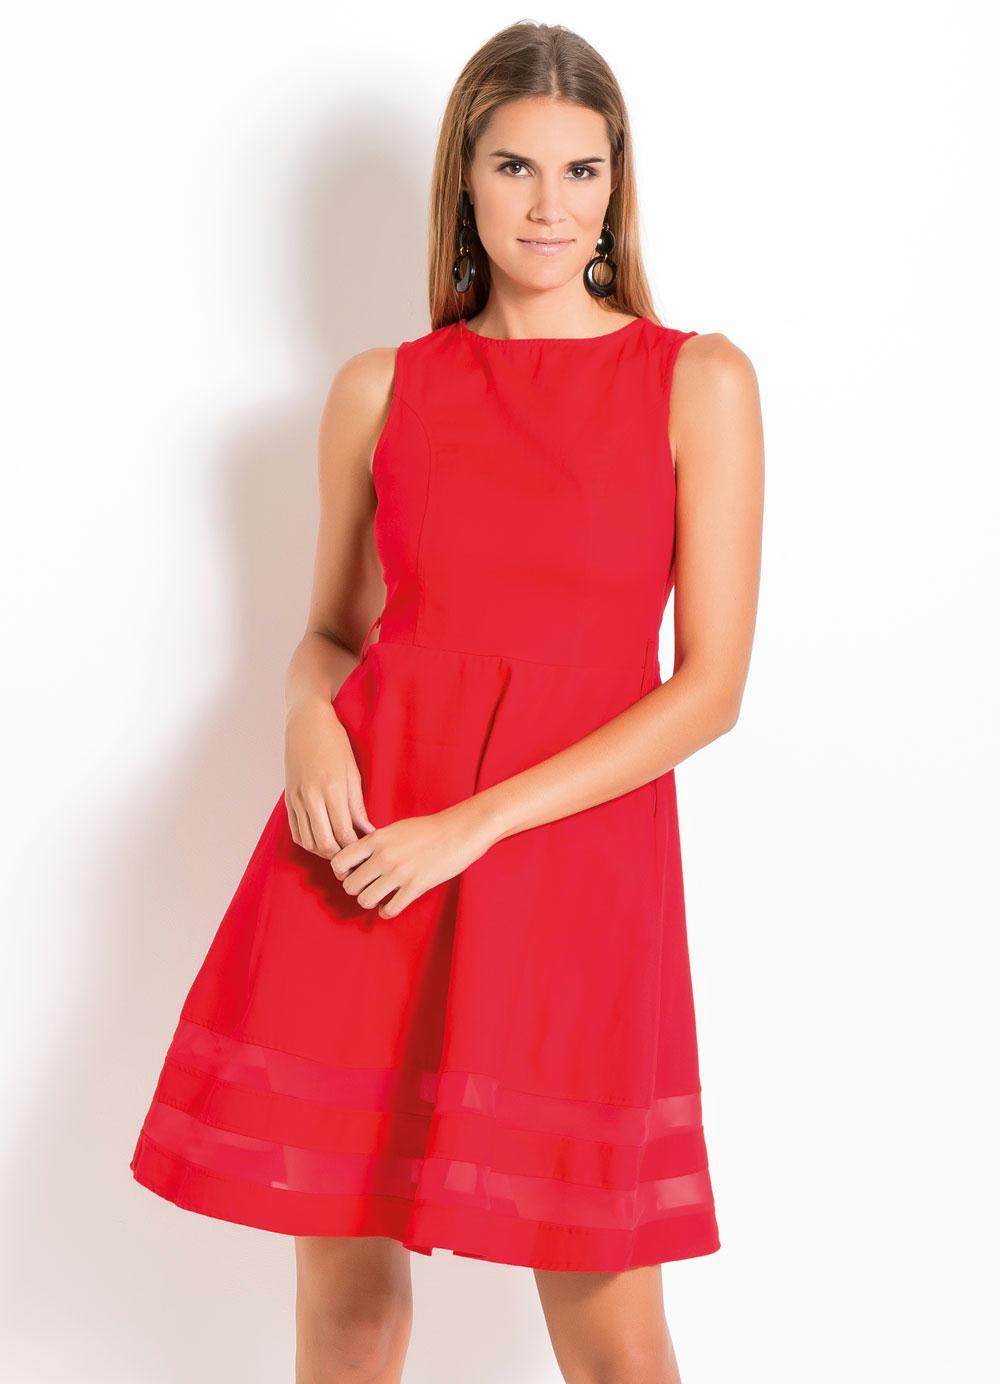 87d8e4846 Vestido Evasê Quintess Plus Size Vermelho - Quintess